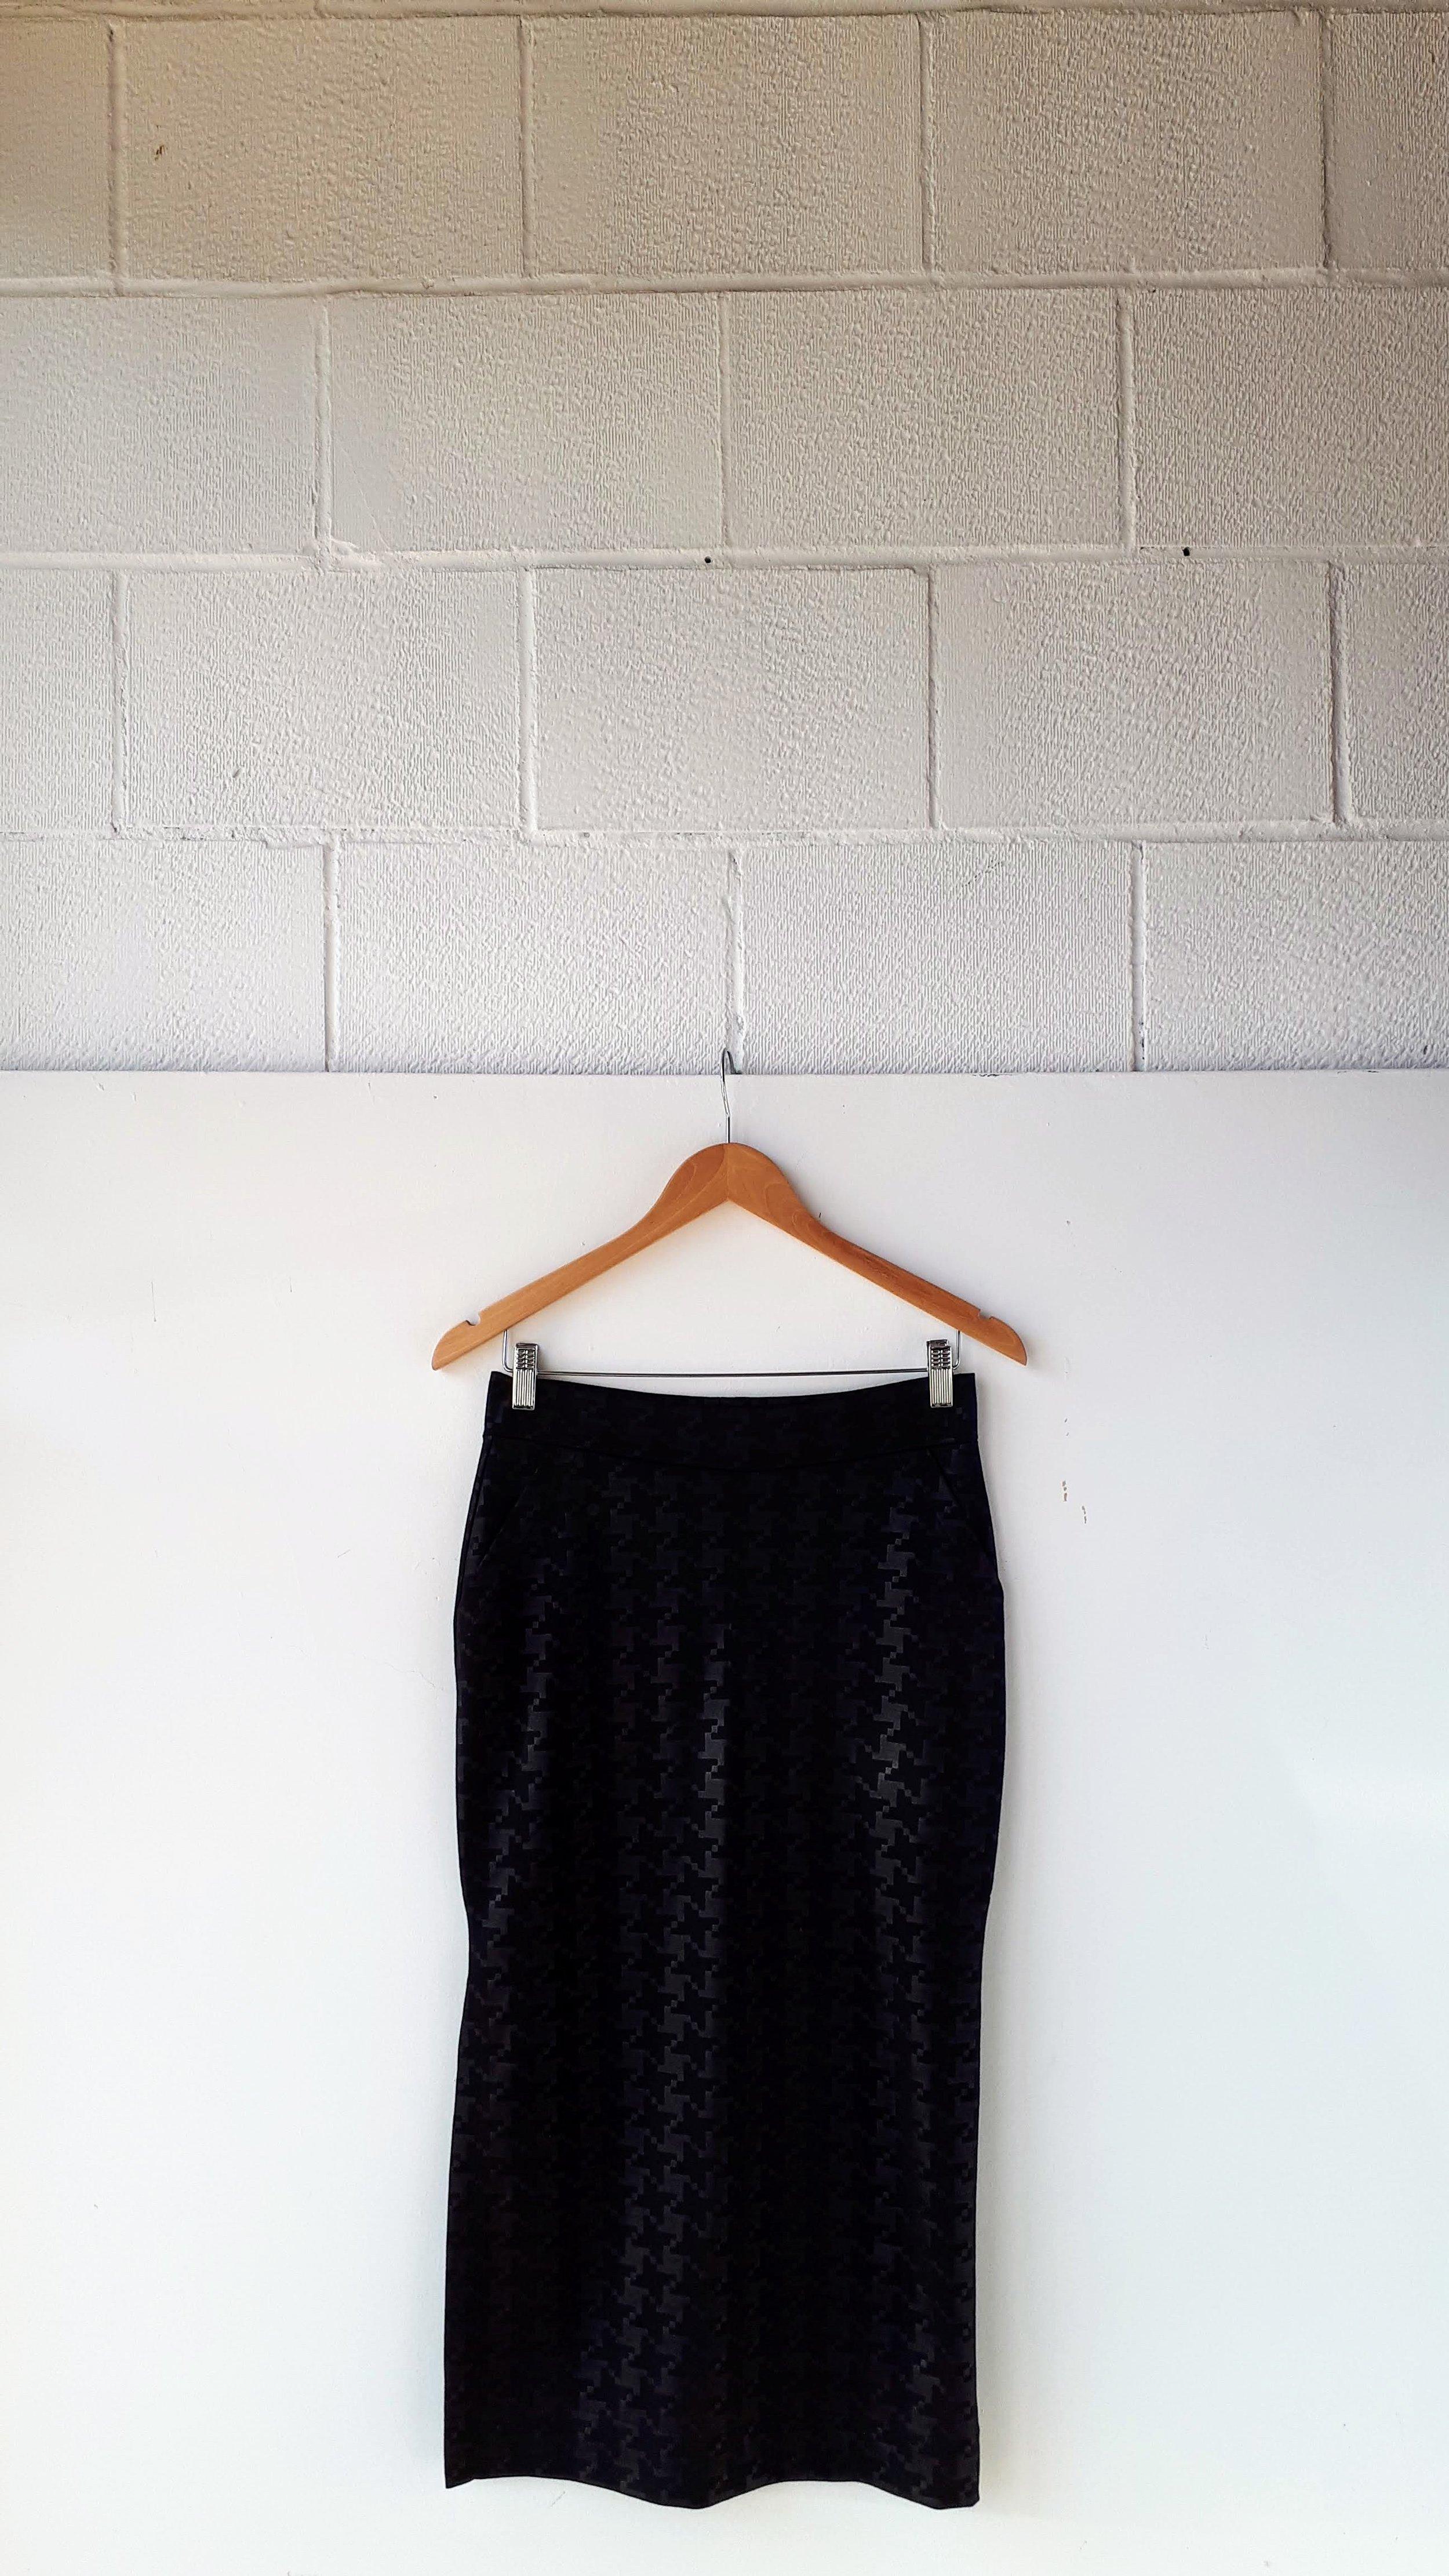 Fridget skirt; Size S, $28